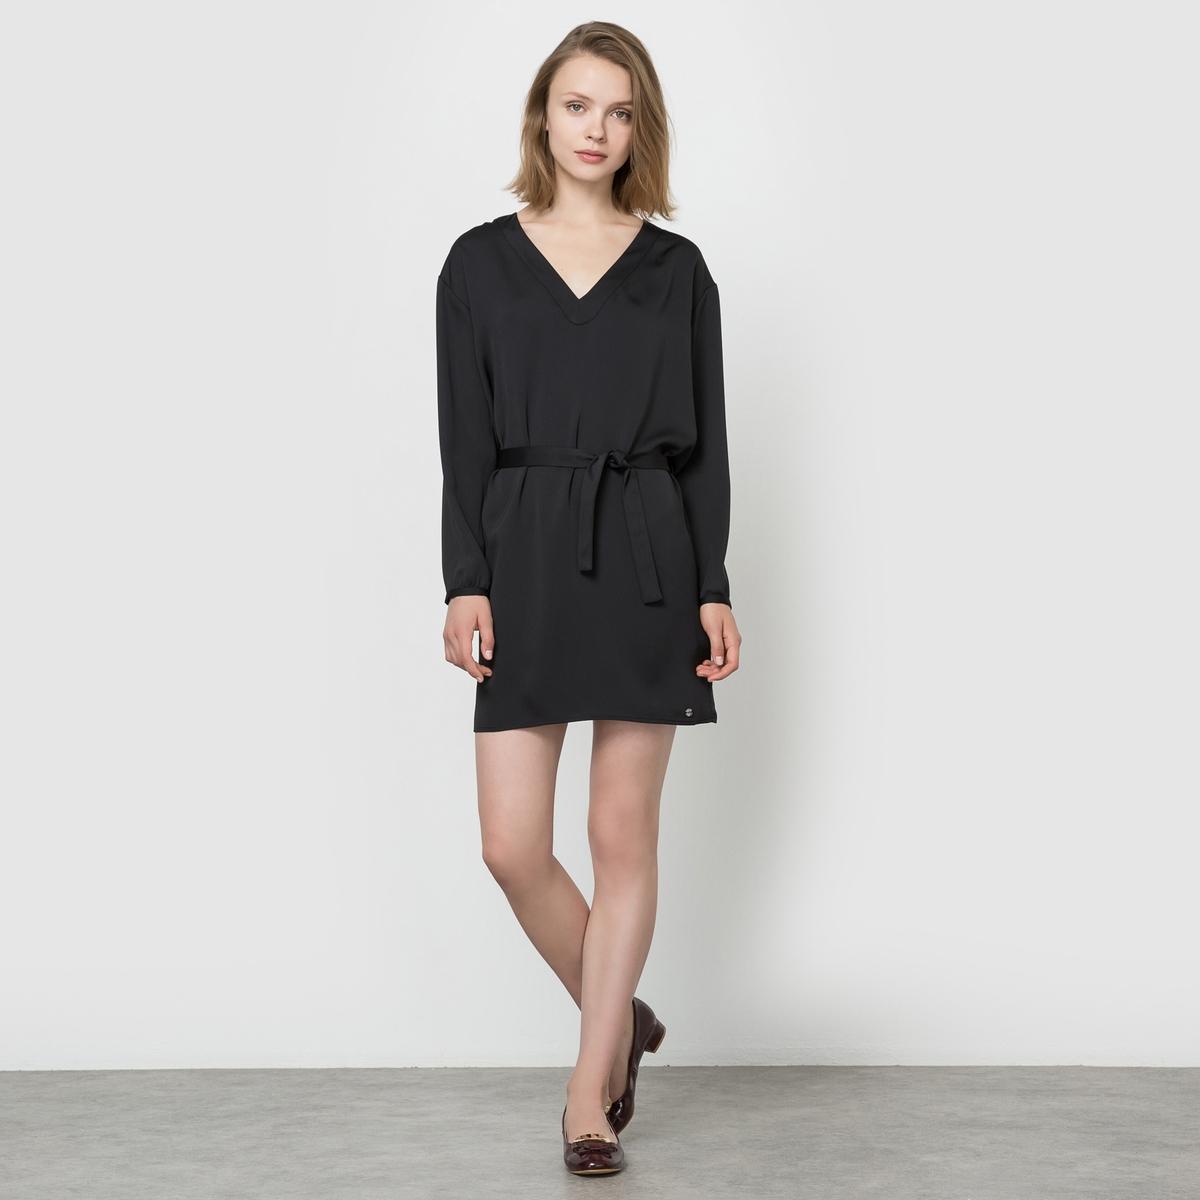 Платье с длинными рукавами и V-образным вырезомСостав и описаниеМарка : LES PTITES BOMBESМатериал : 100% полиэстера<br><br>Цвет: черный<br>Размер: M